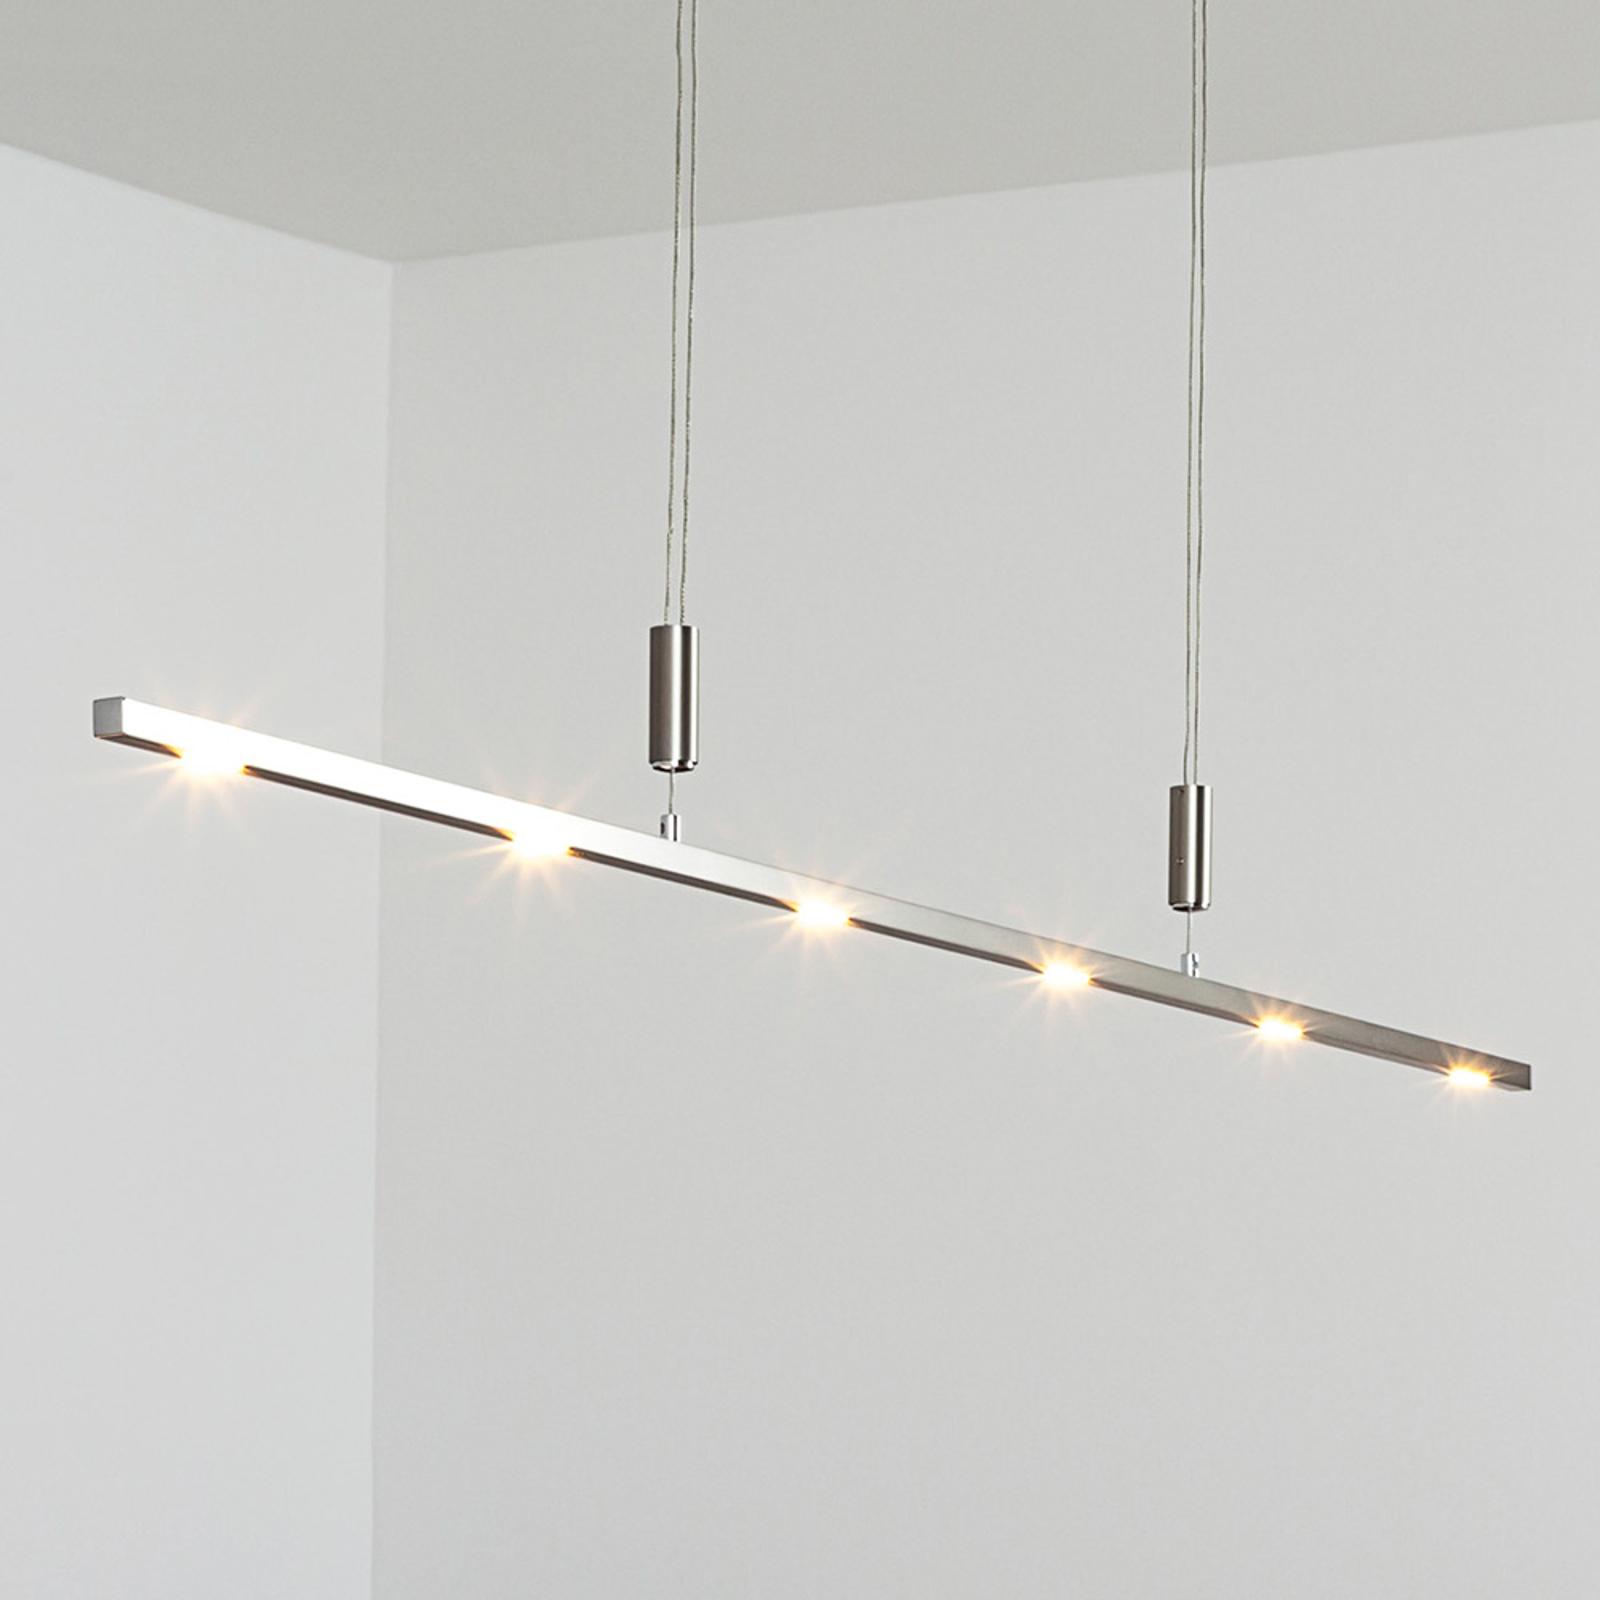 Lámpara LED colgante Tolu, altura regulab., 140 cm